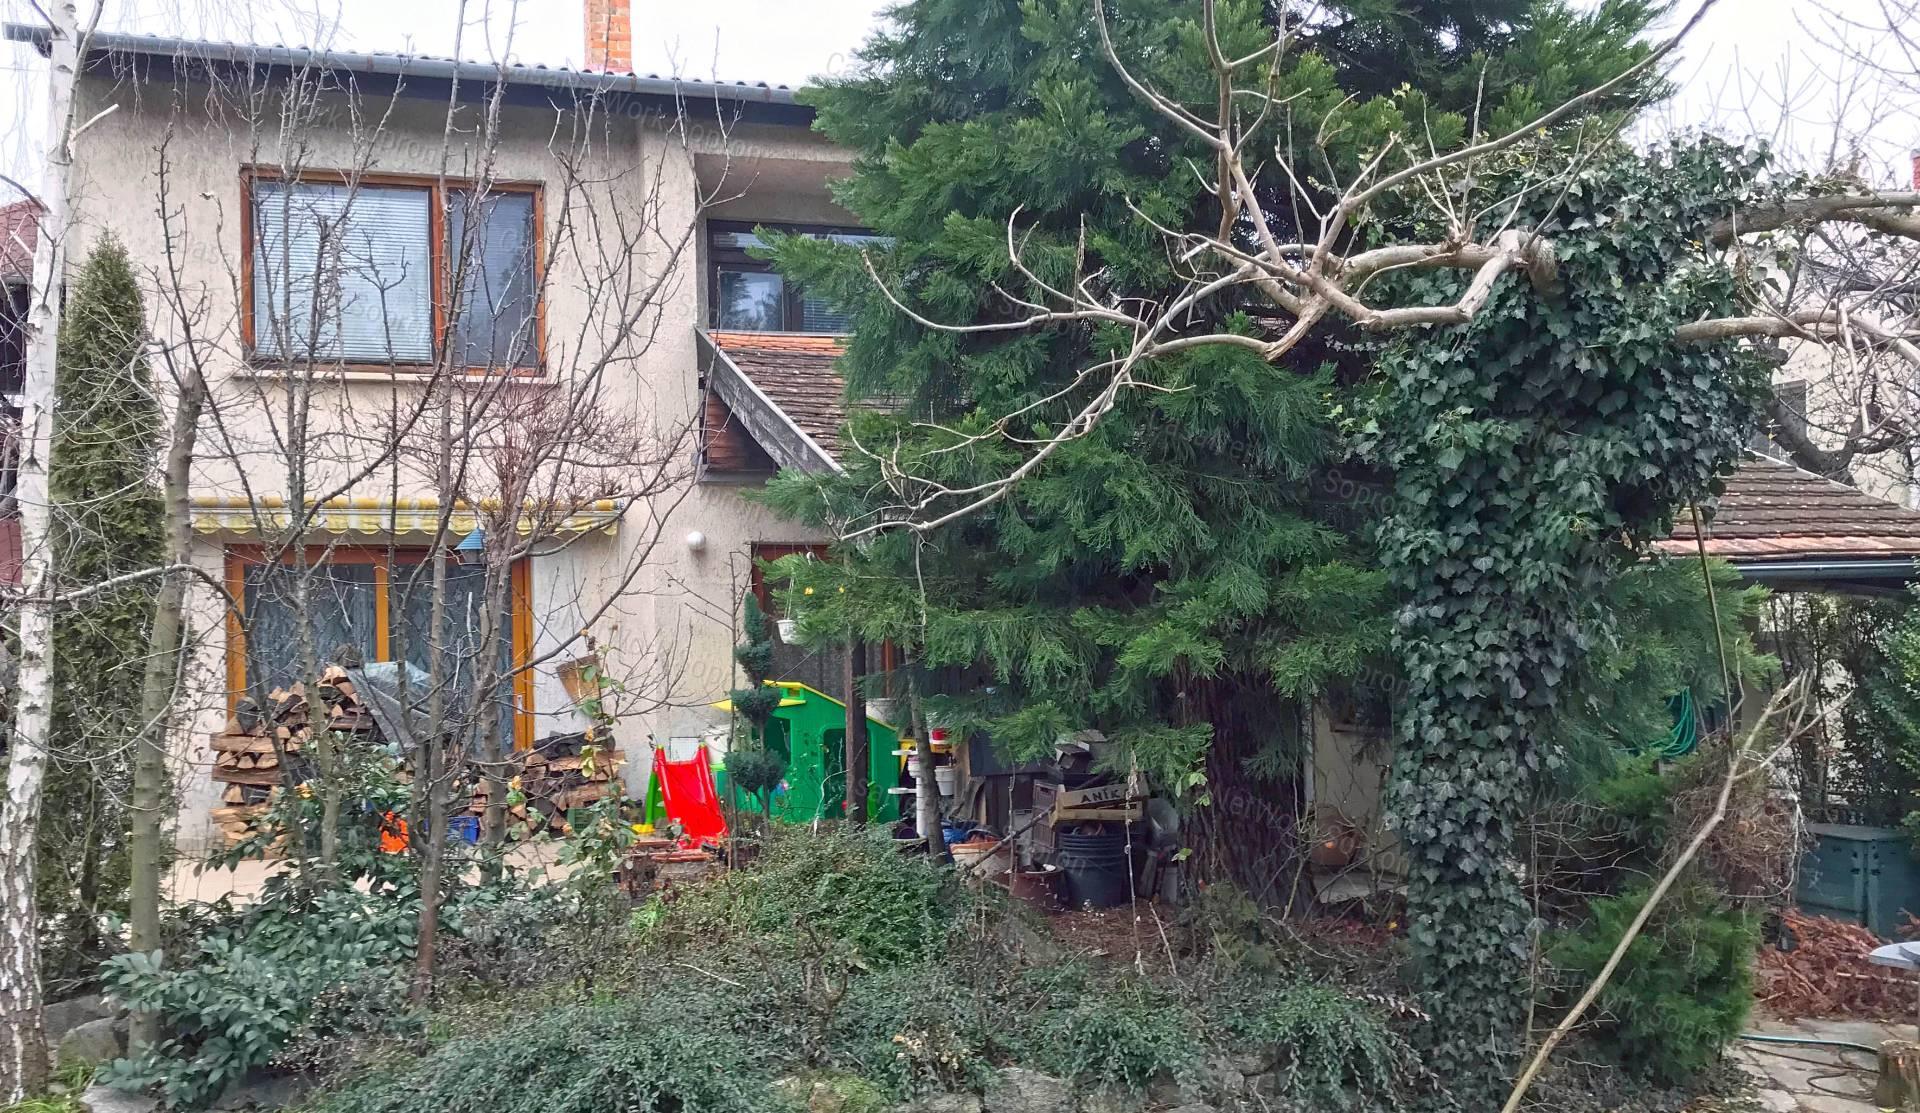 Eladó családi ház, Győr-Moson-Sopron megye, Sopron (Alsólőverek) - sz.: 164301599 - CasaNetWork.hu